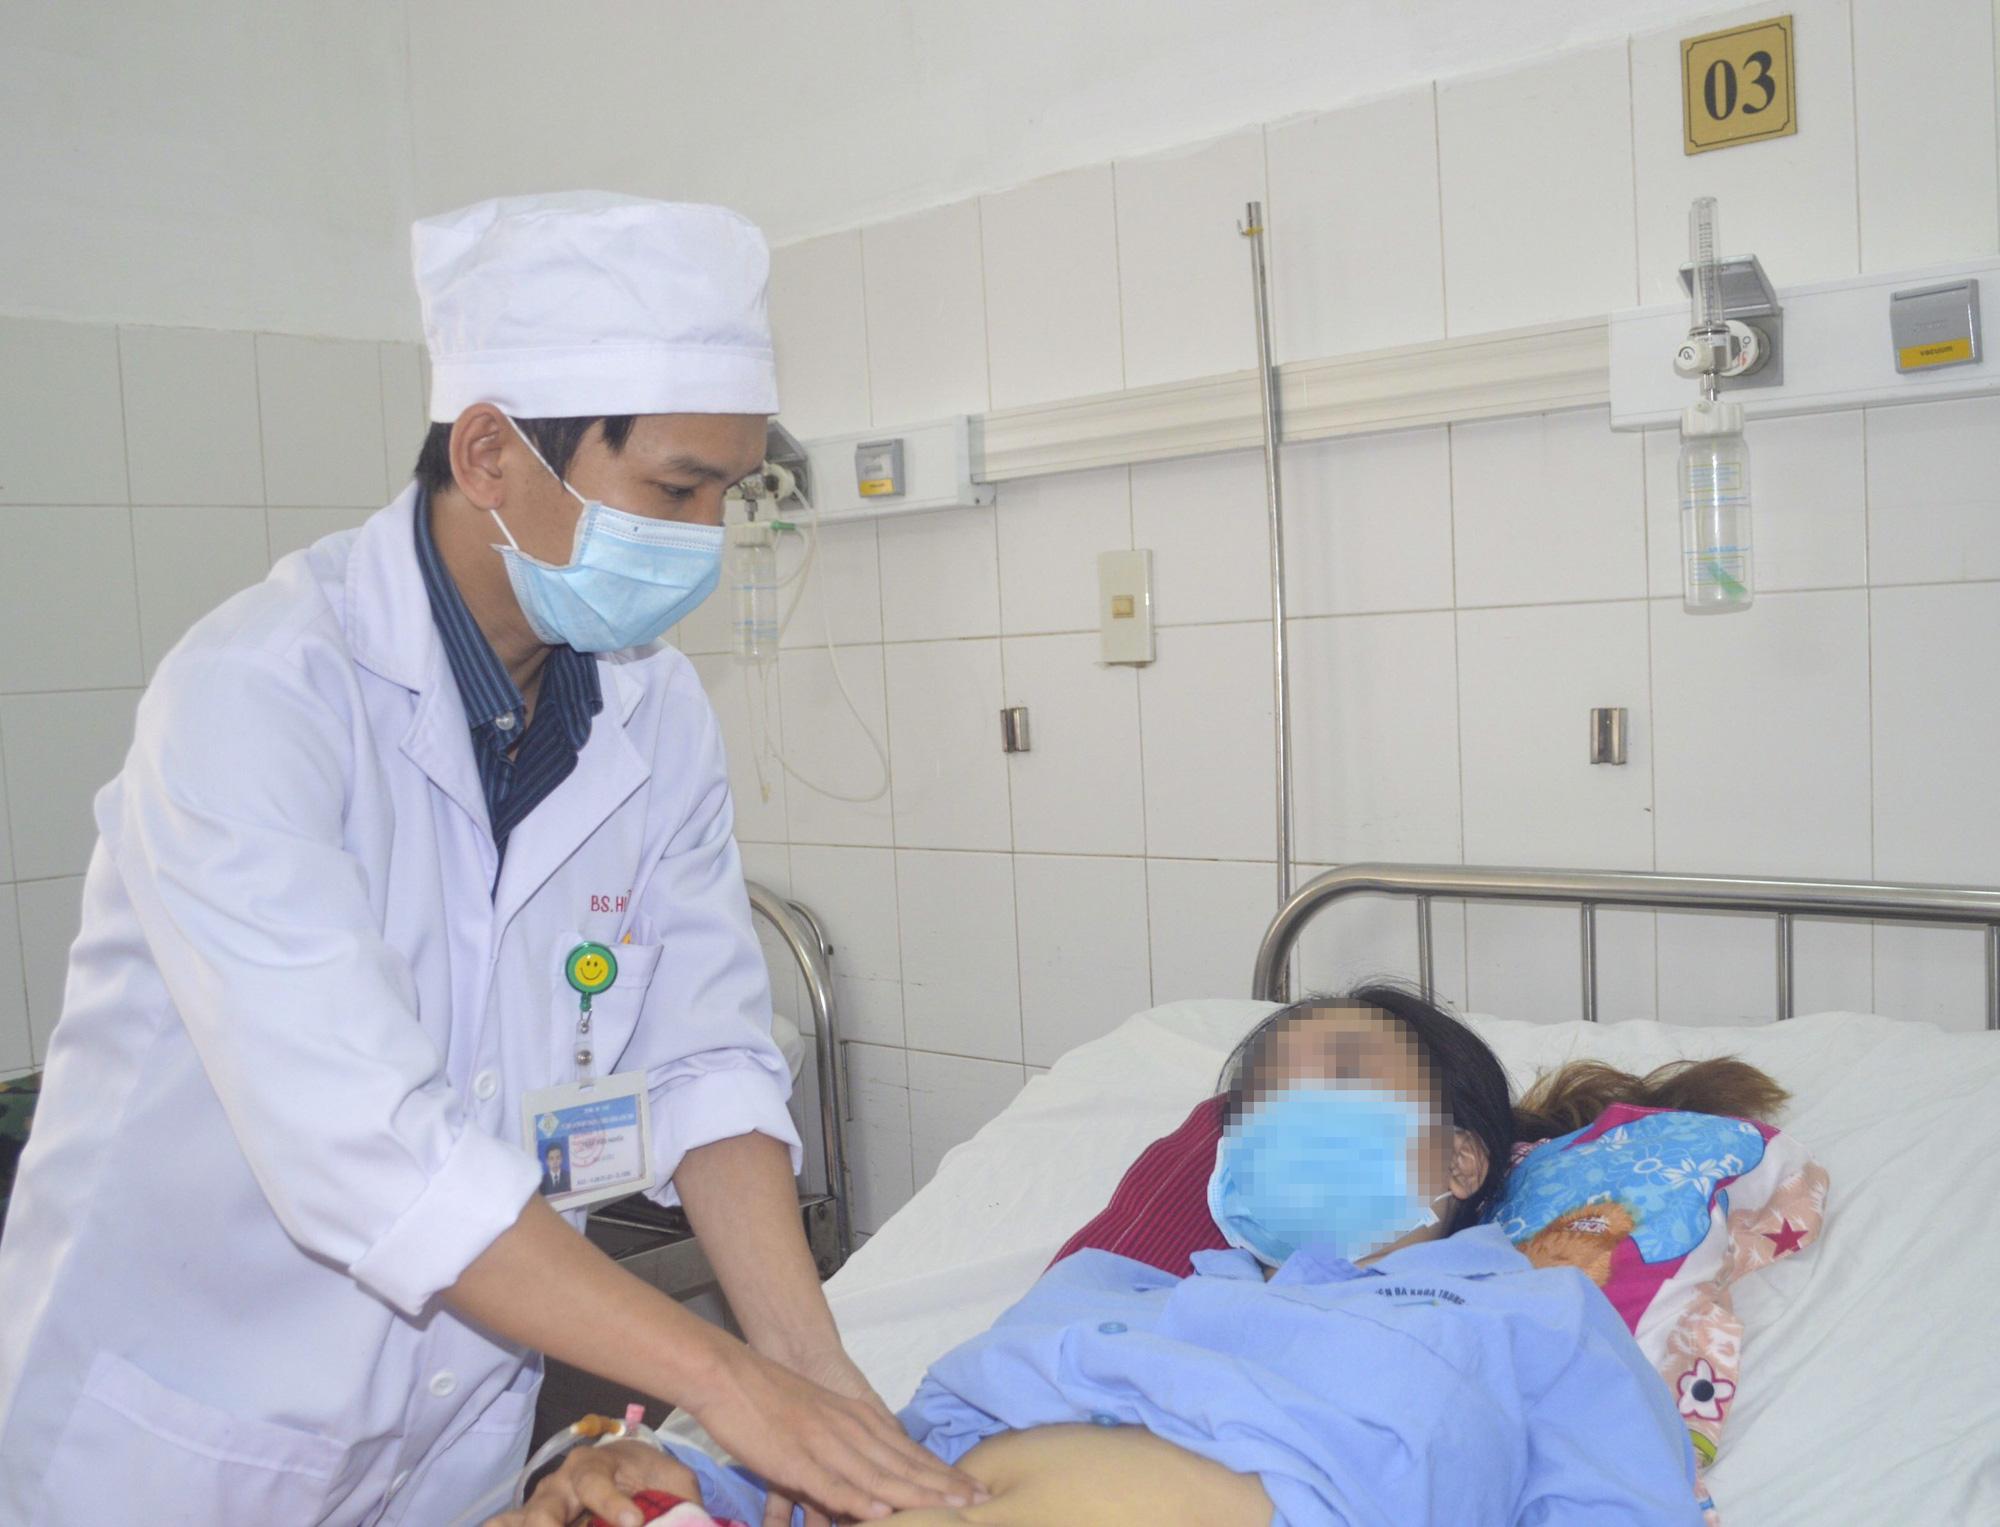 Cần Thơ: Hy hữu cứu sống bệnh nhân bị tai nạn  vỡ gan không cần phẫu thuật - Ảnh 1.